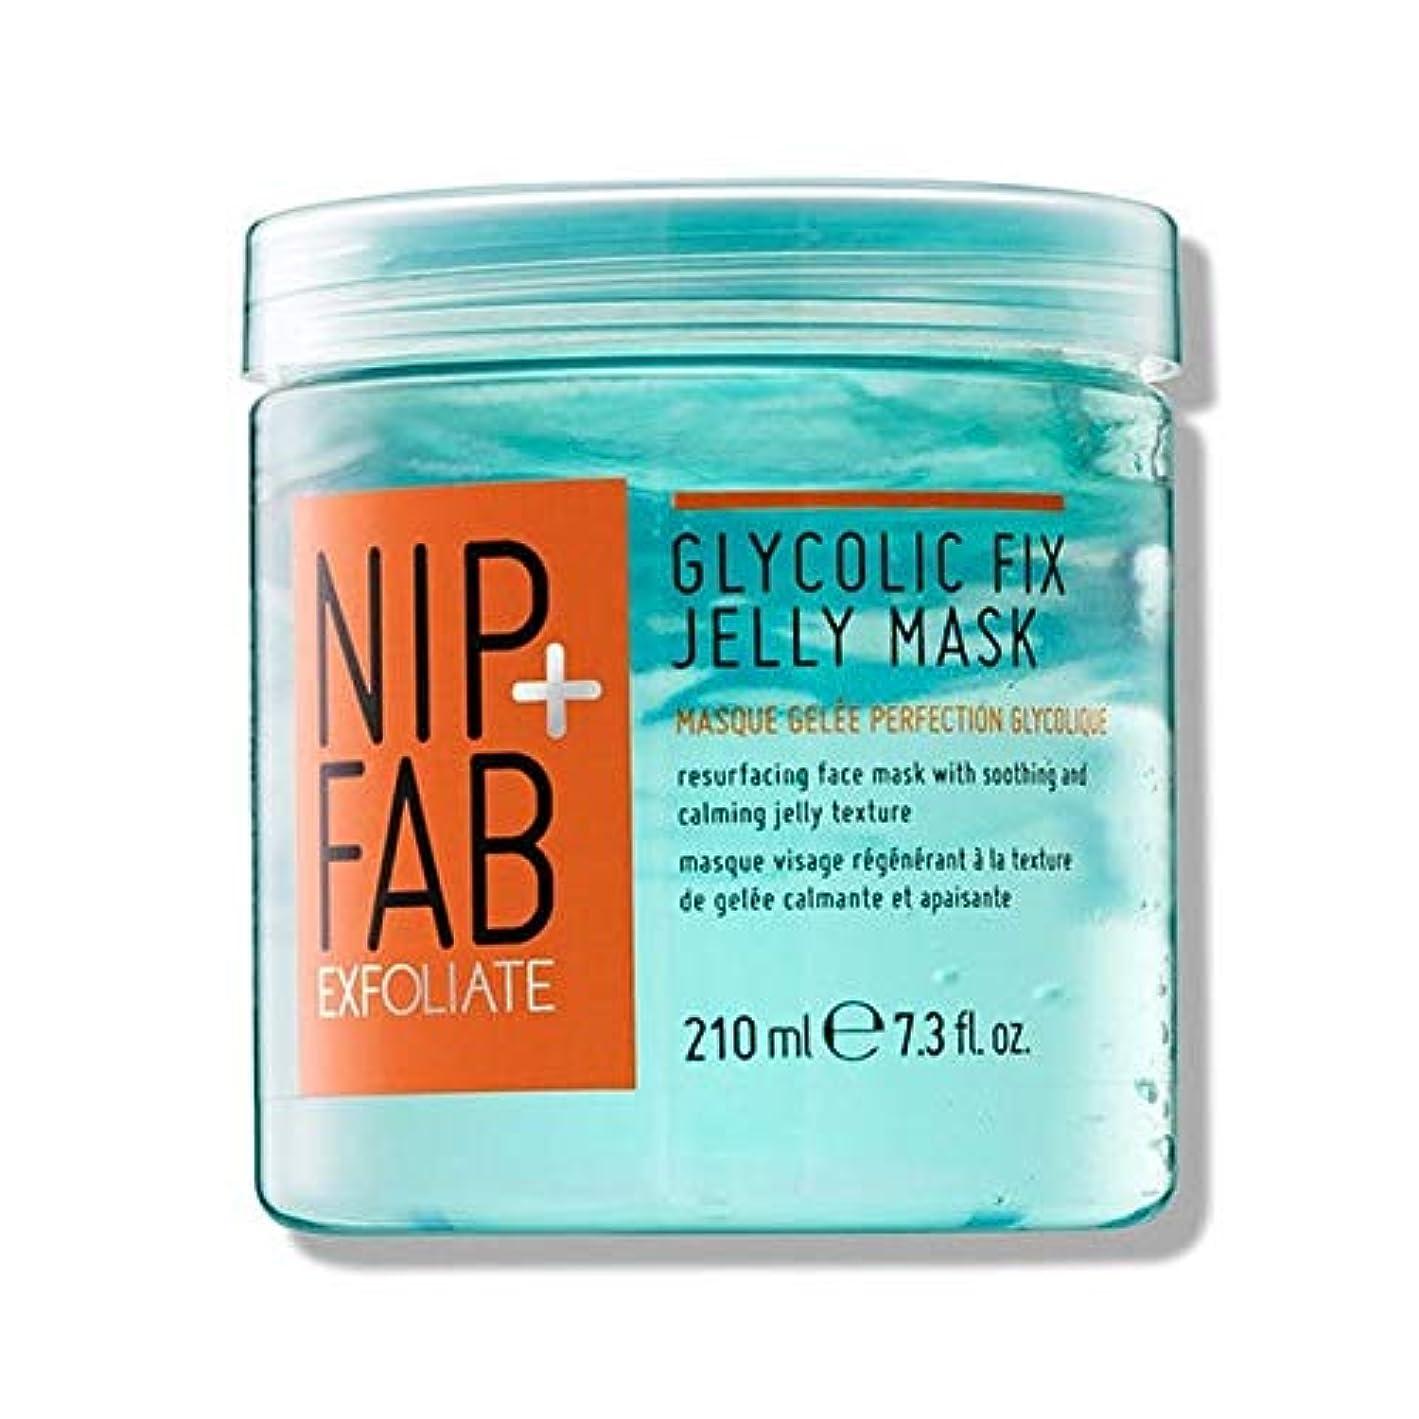 織機電球失礼な[Nip & Fab] + Fabグリコール修正ゼリーマスク210ミリリットルニップ - NIP+FAB Glycolic Fix Jelly mask 210ml [並行輸入品]